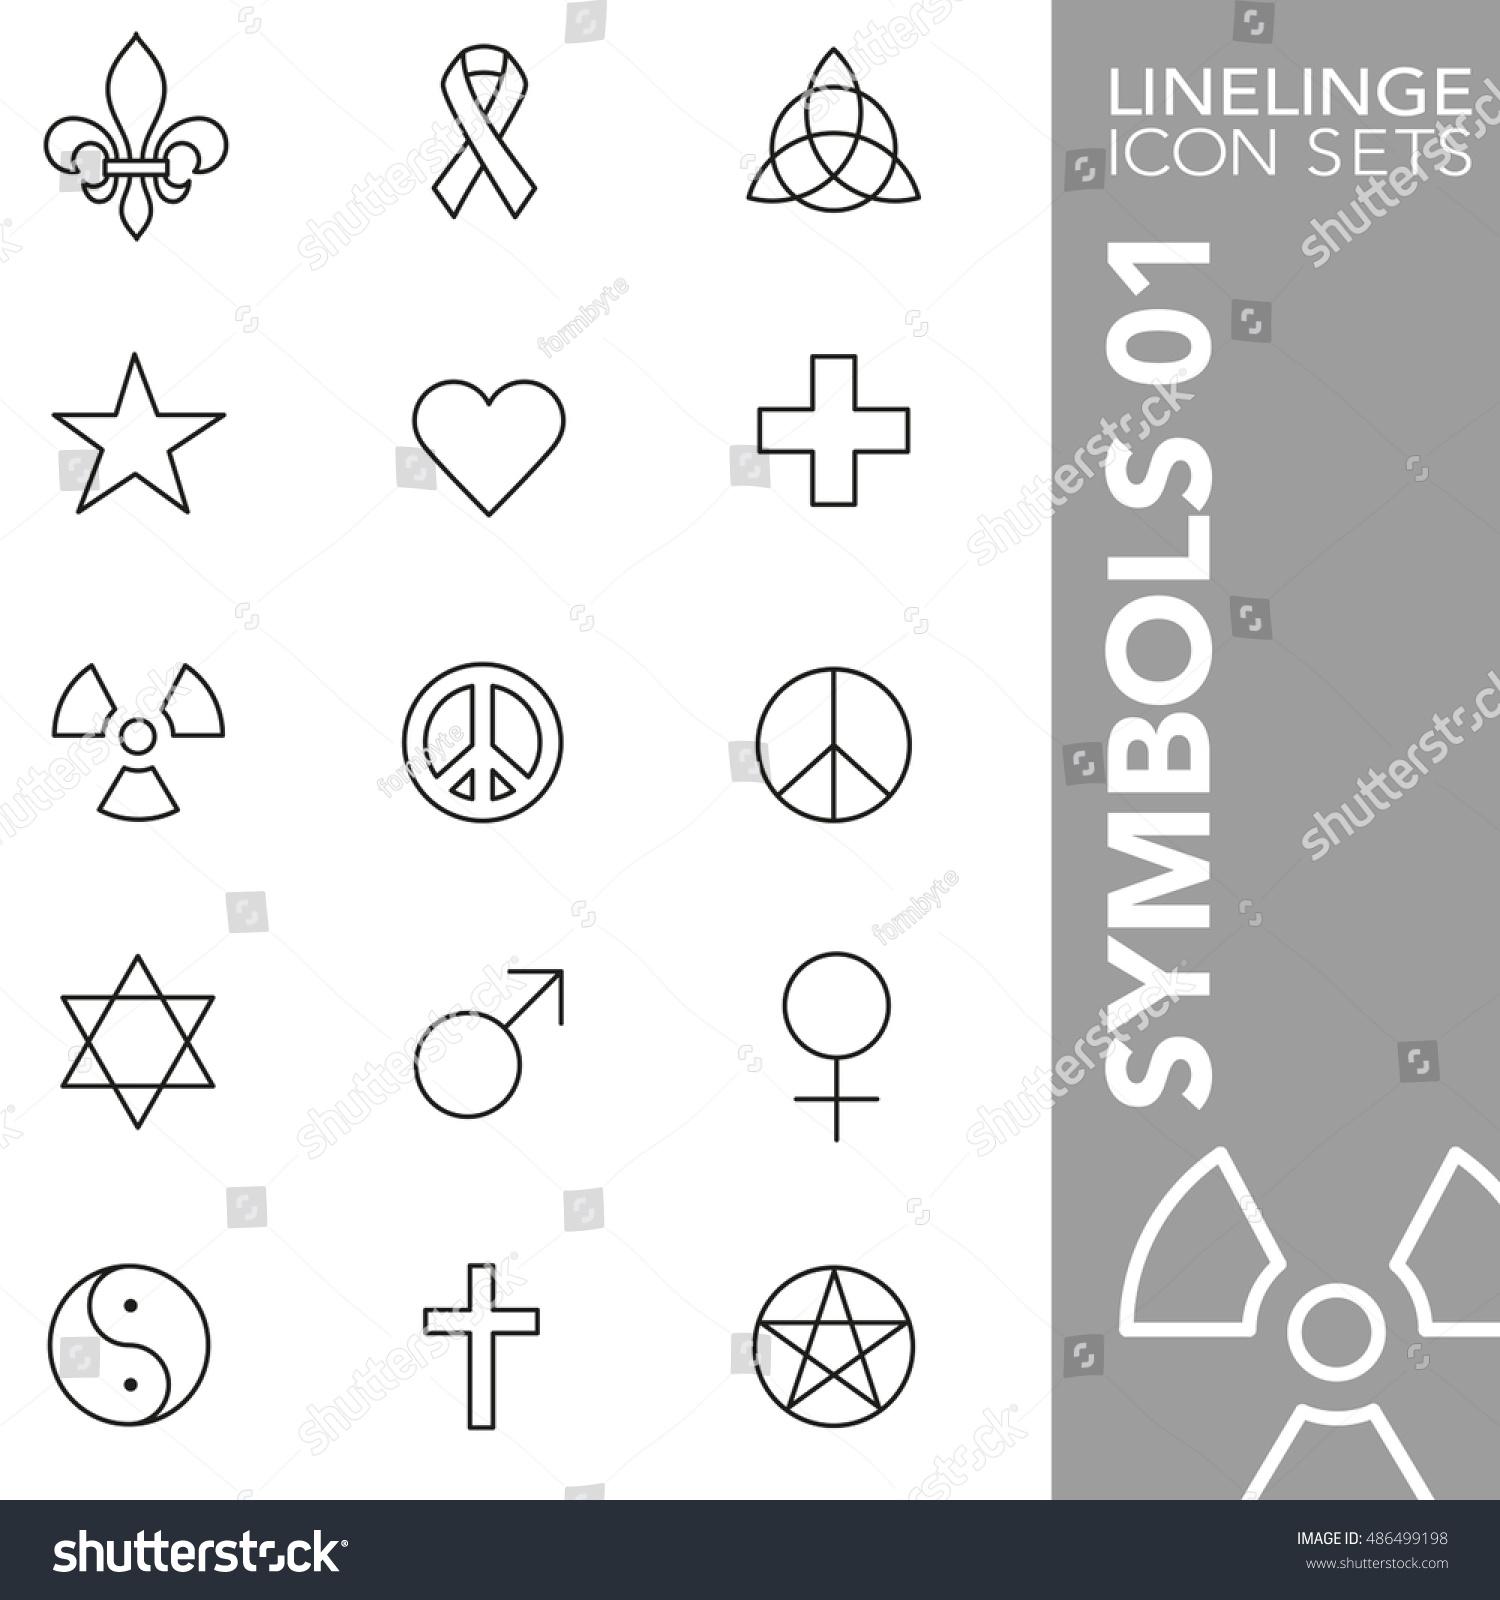 Best Stock Symbols Engneforic